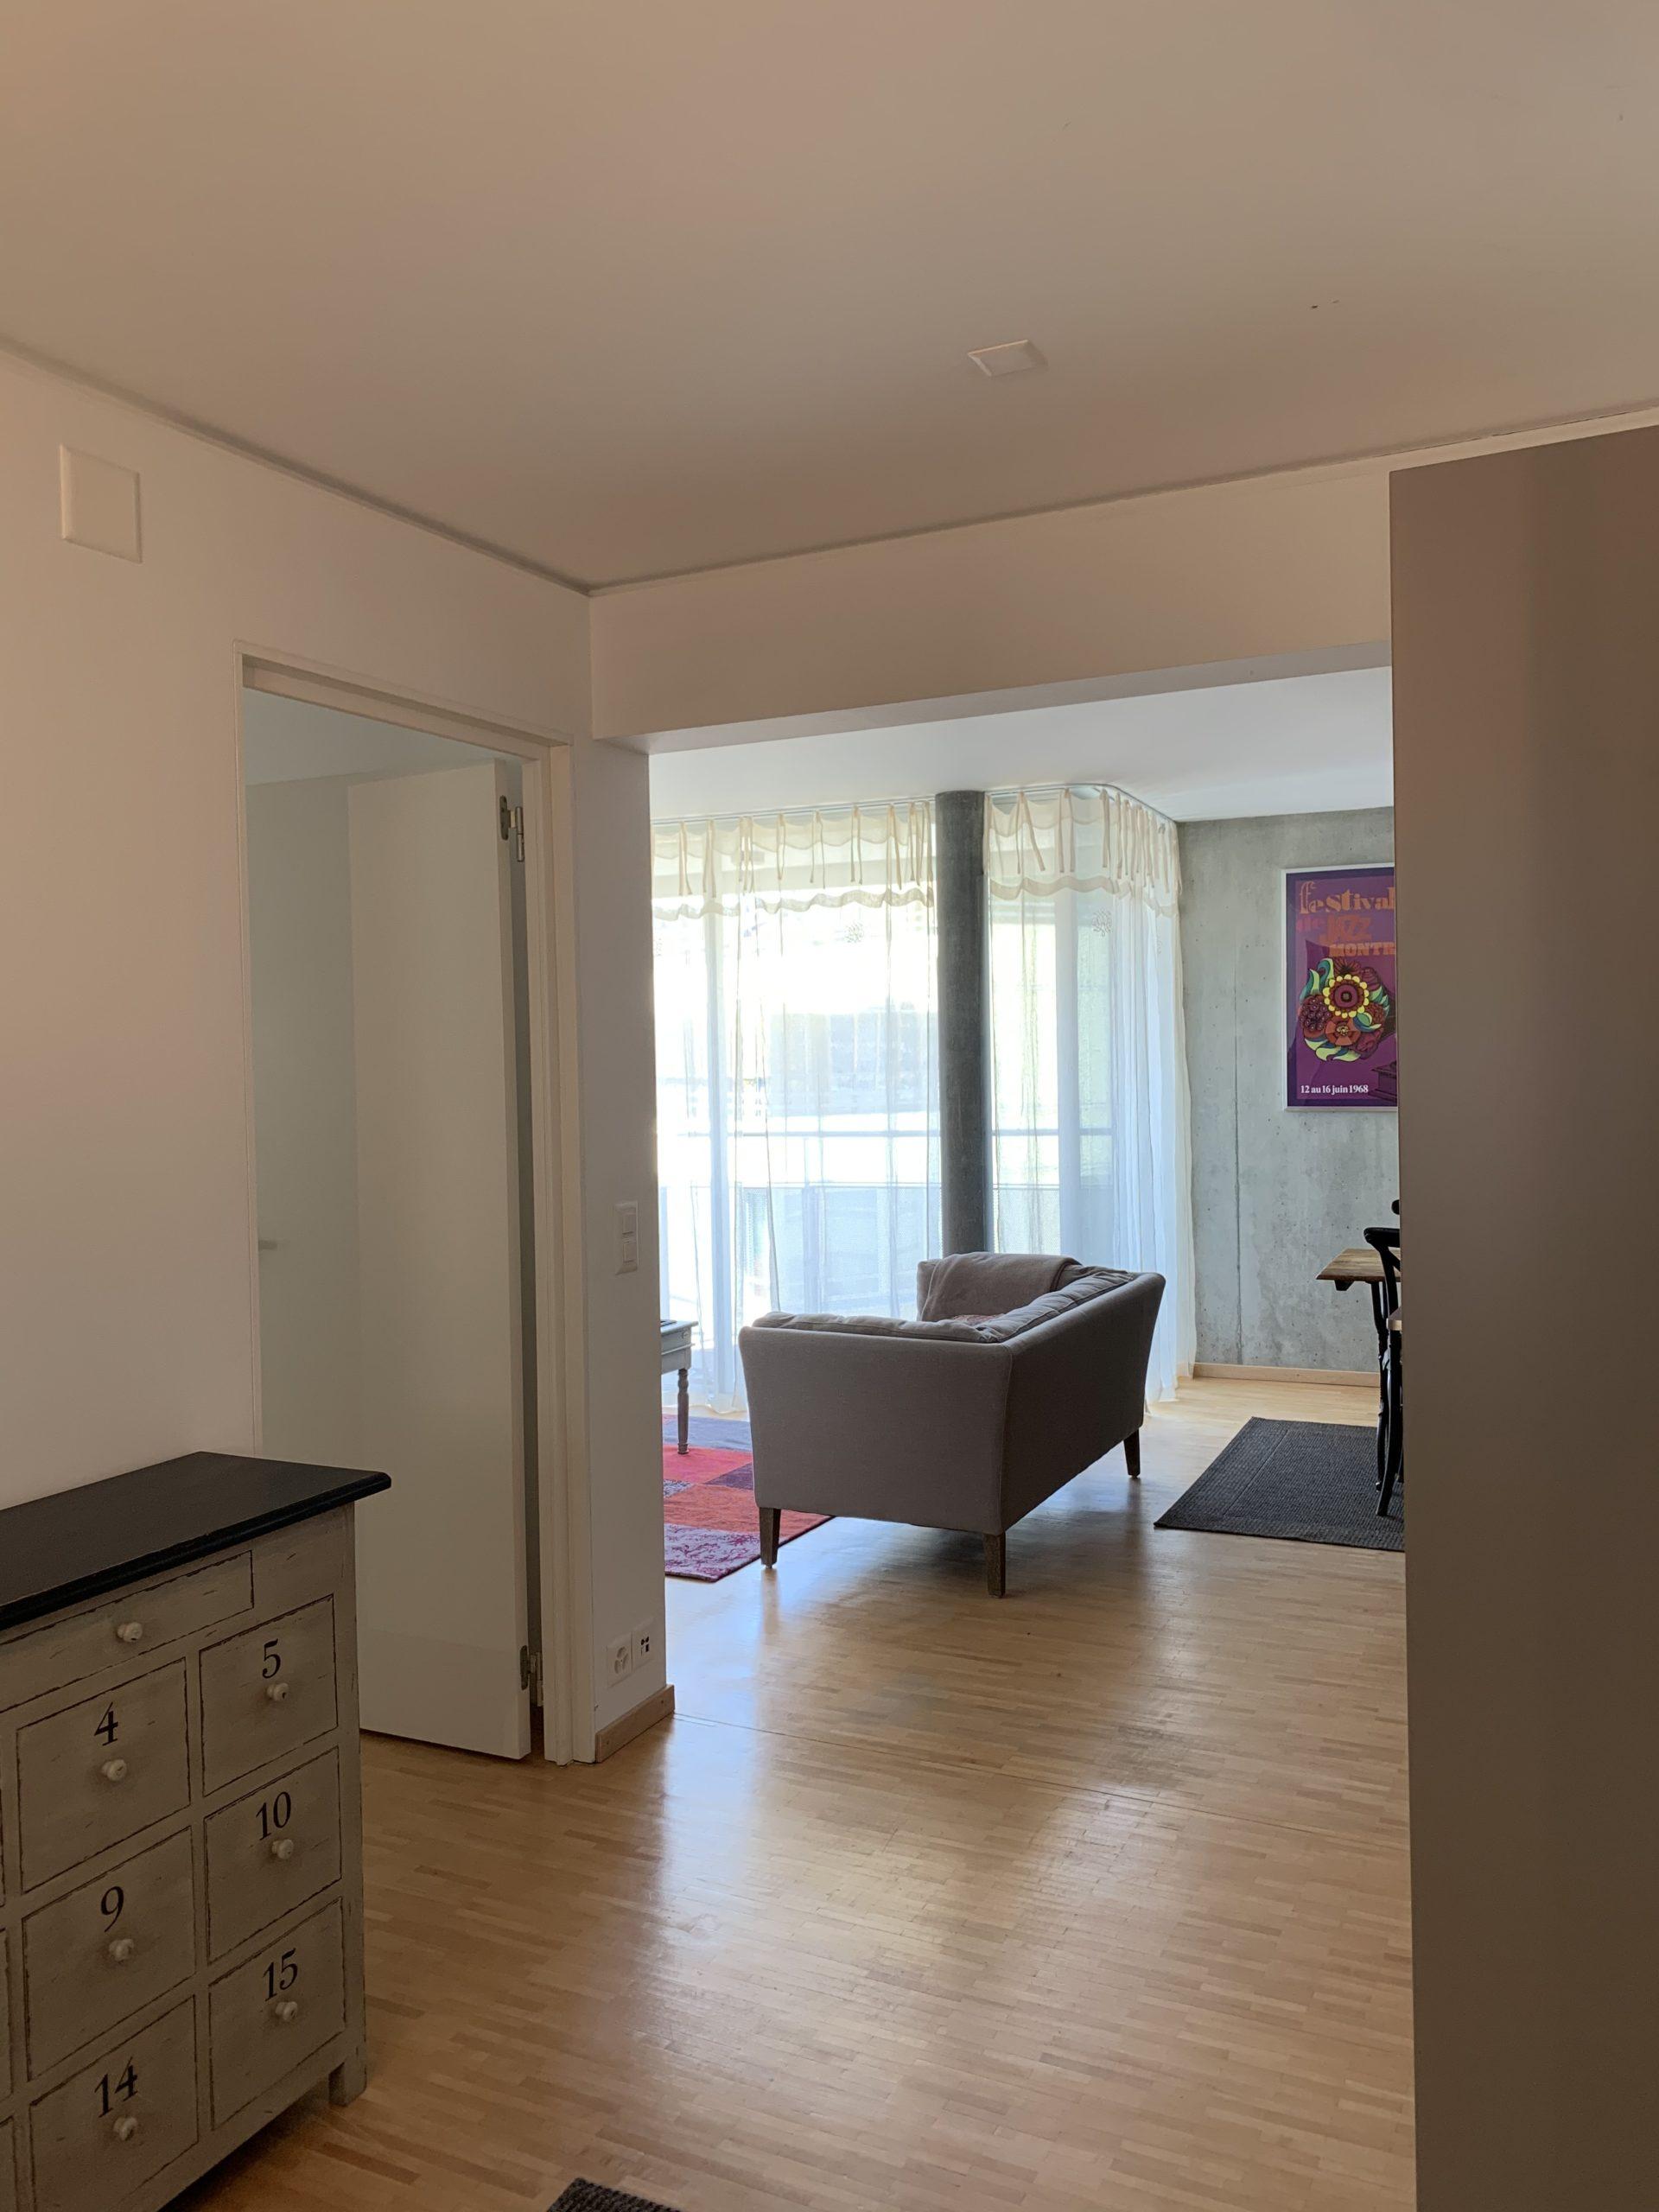 Rue du Flon 12, Lausanne - 2,5 pièces - Lot 3.9 8